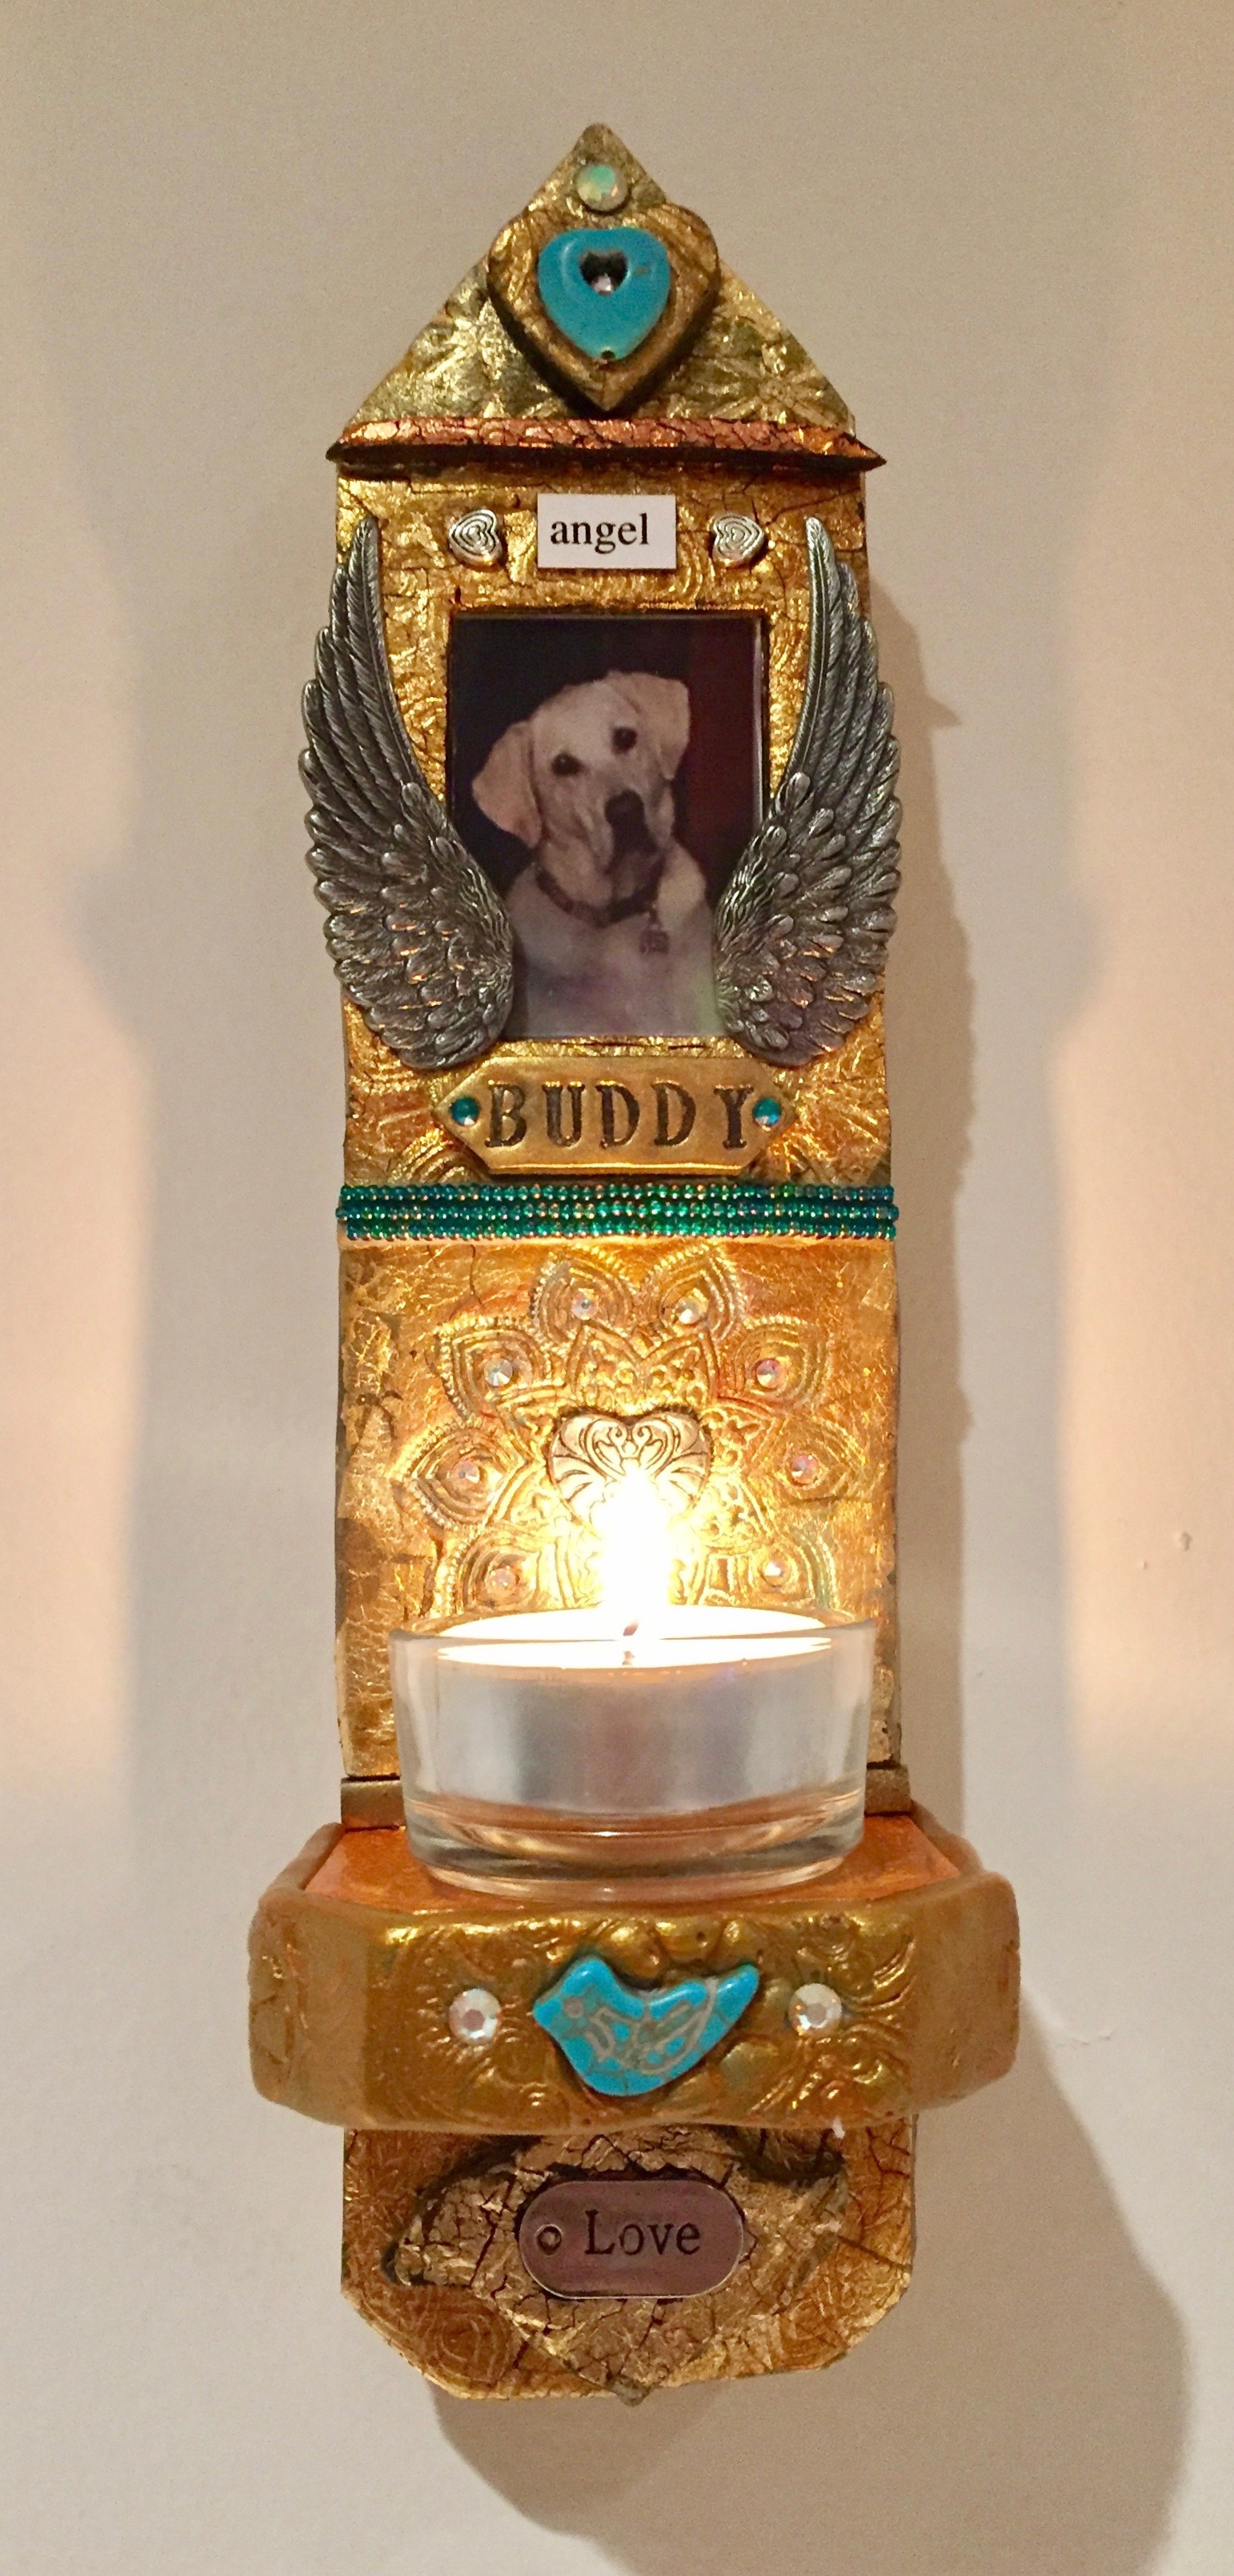 Buddy, Pet Memorial